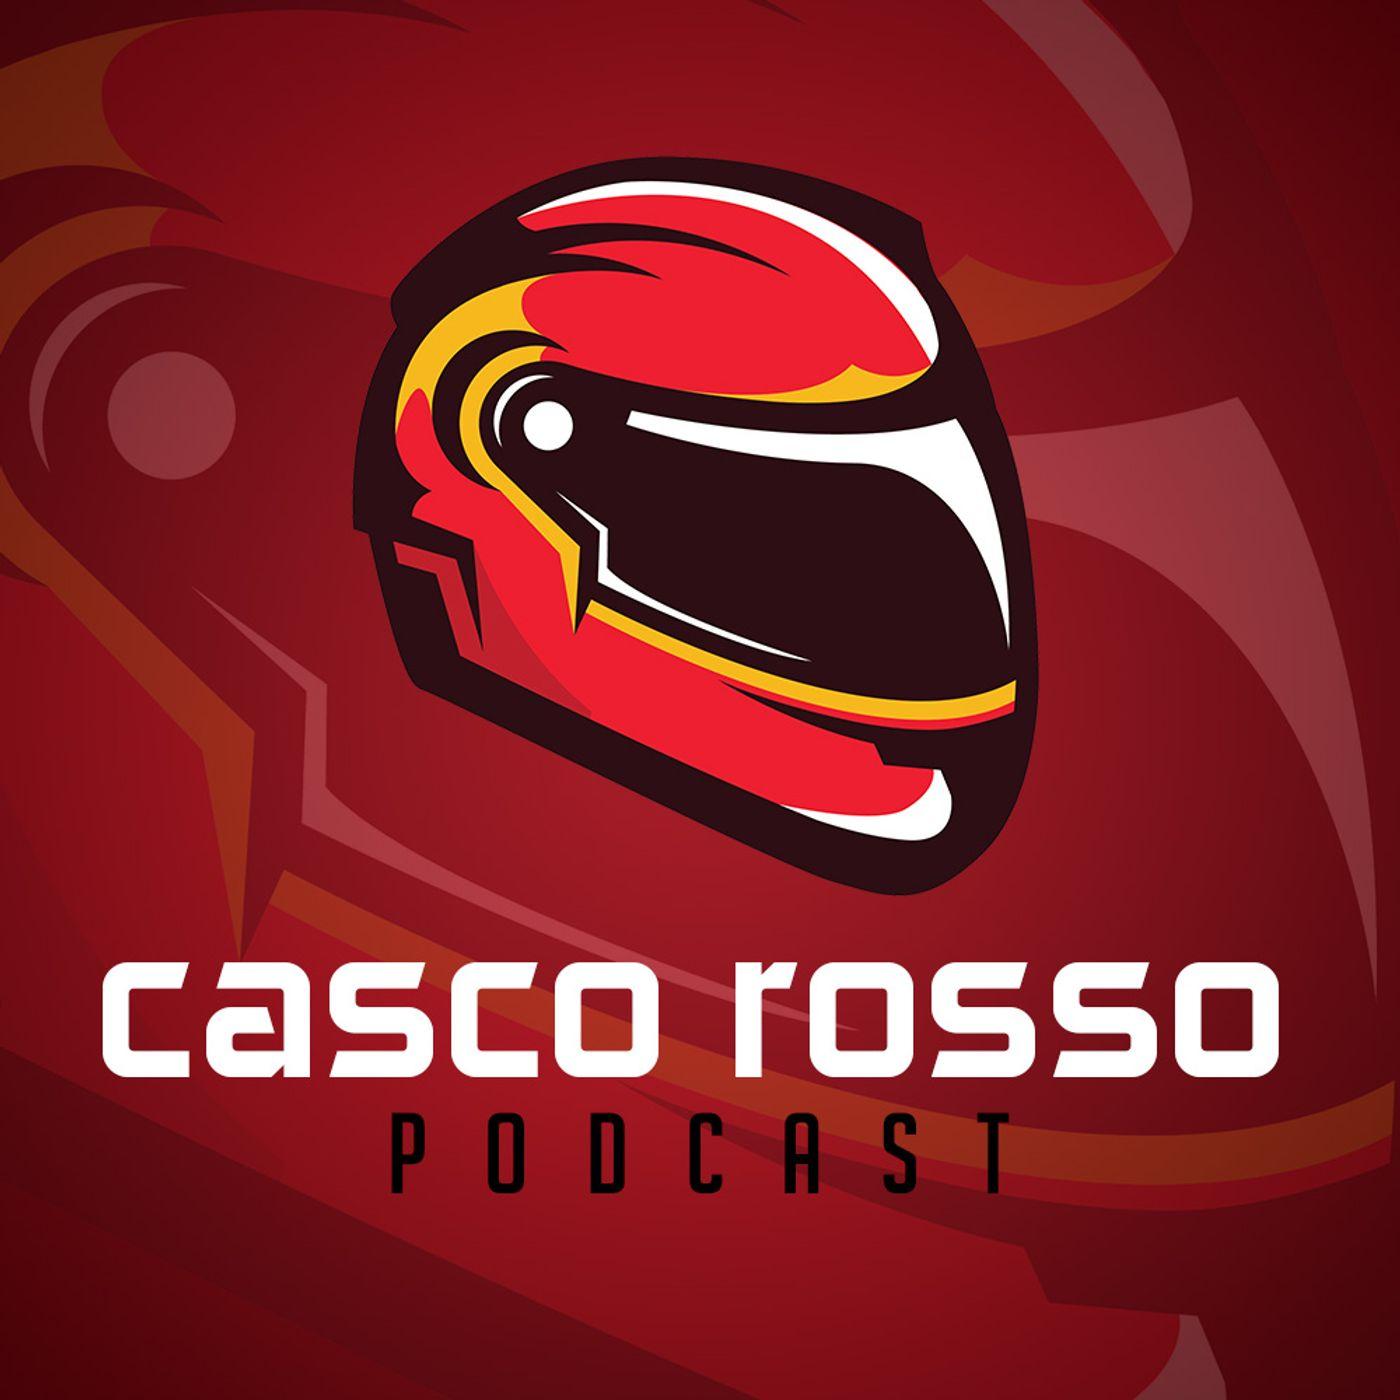 Casco Rosso Live 24/10/2021 - Fabio Quartararo è CAMPIONE DEL MONDO!